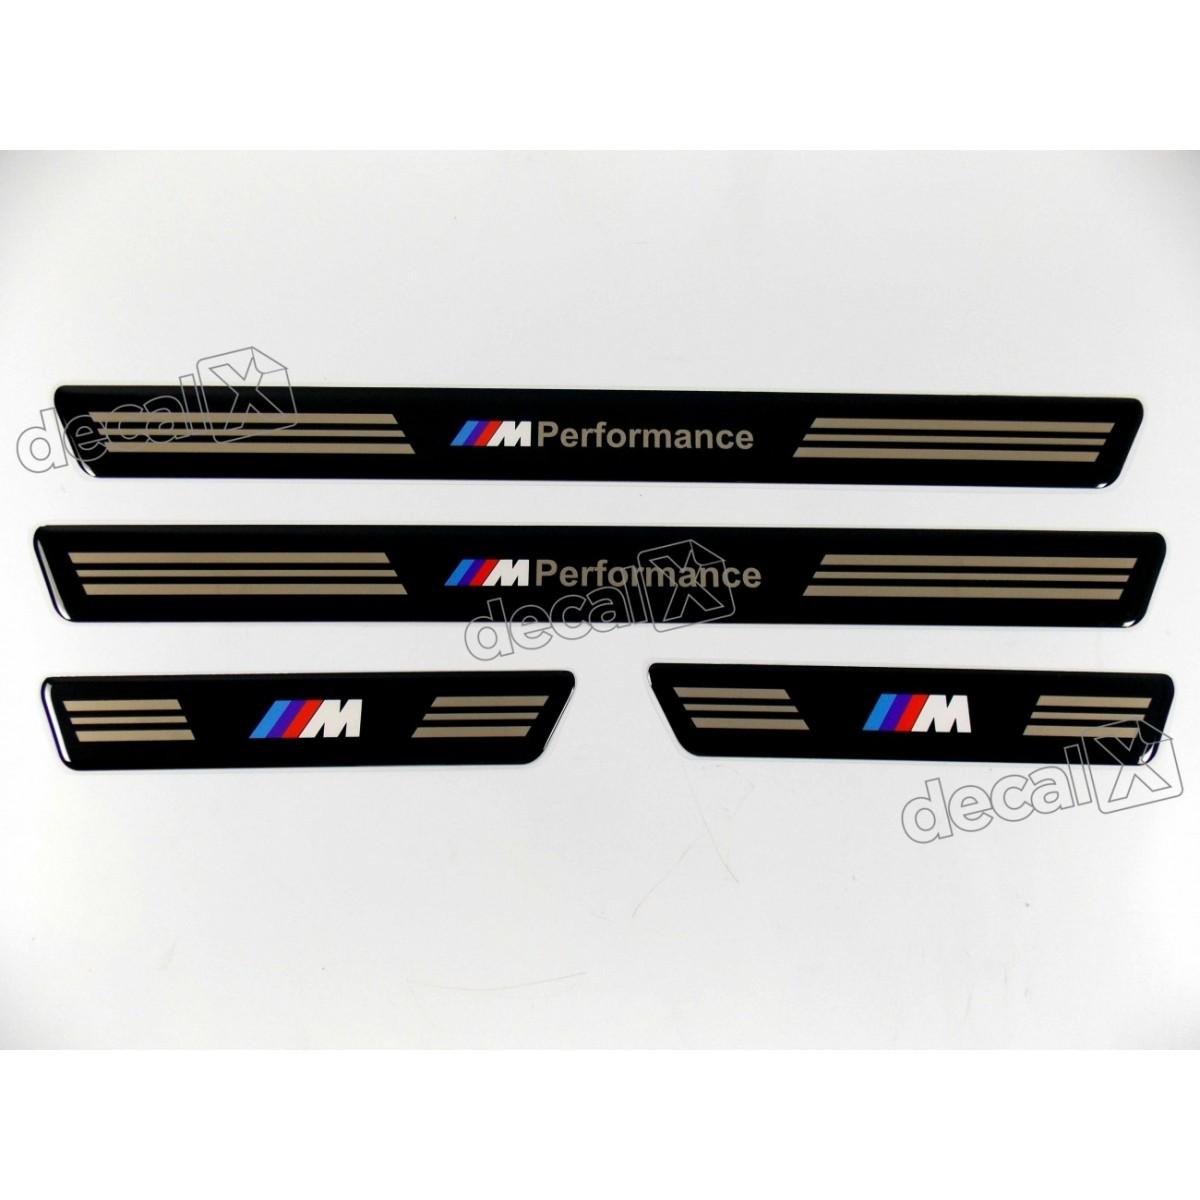 Soleira De Proteção Bmw Performance - Decalx